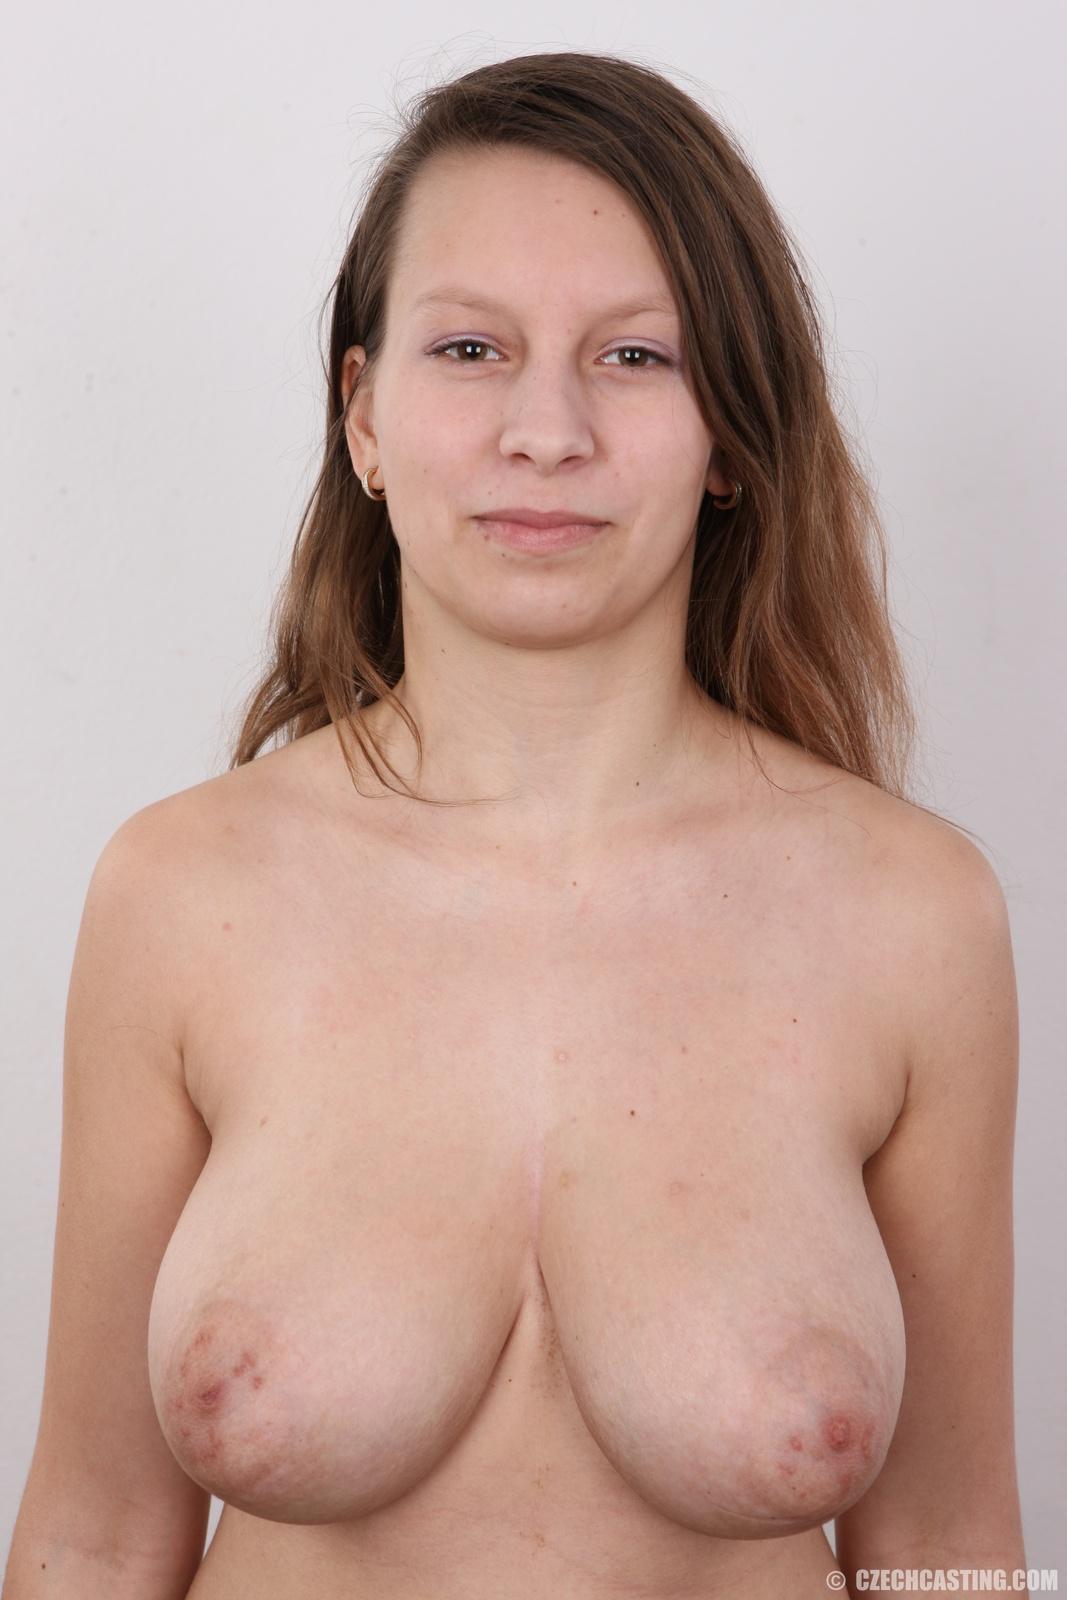 Webcam girl german Blonde